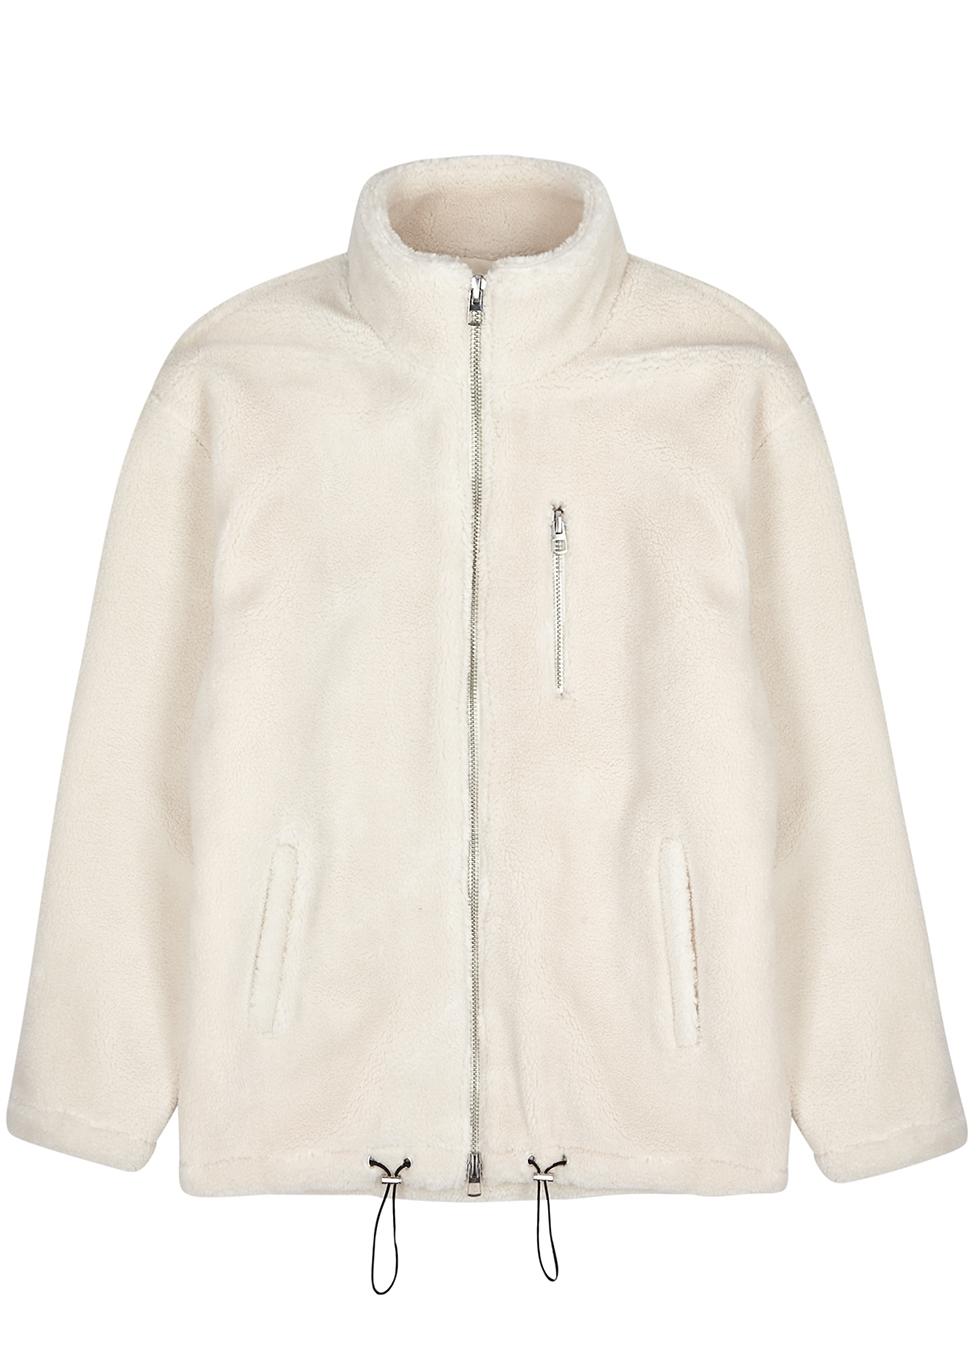 Off-white fleece jacket